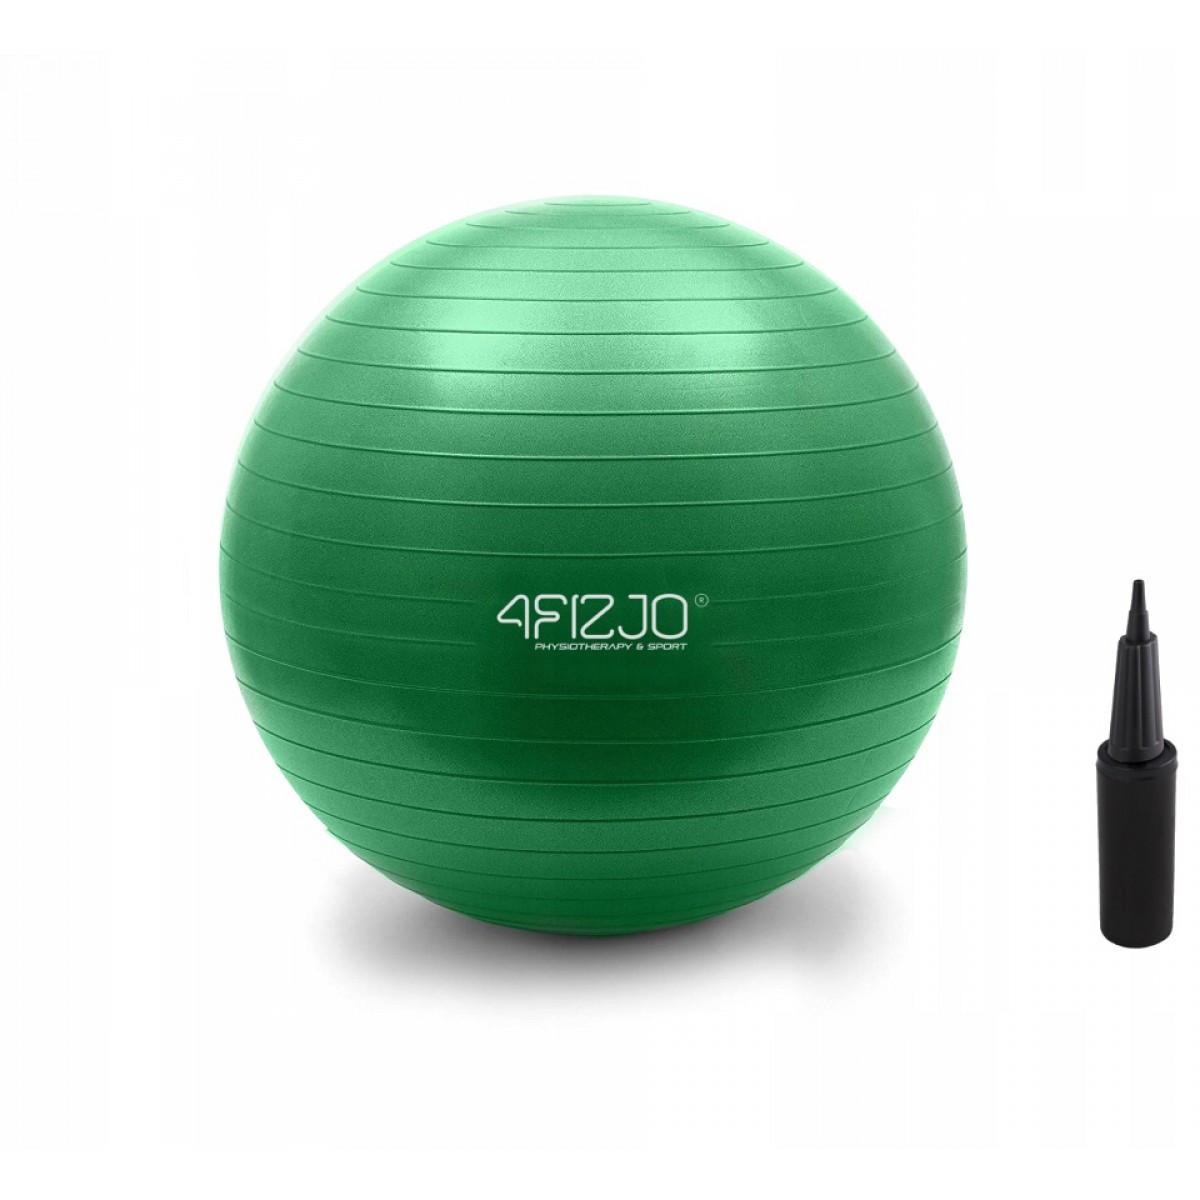 М'яч для фітнесу (фітбол) 4FIZJO 75 см Anti-Burst 4FJ0029 Green